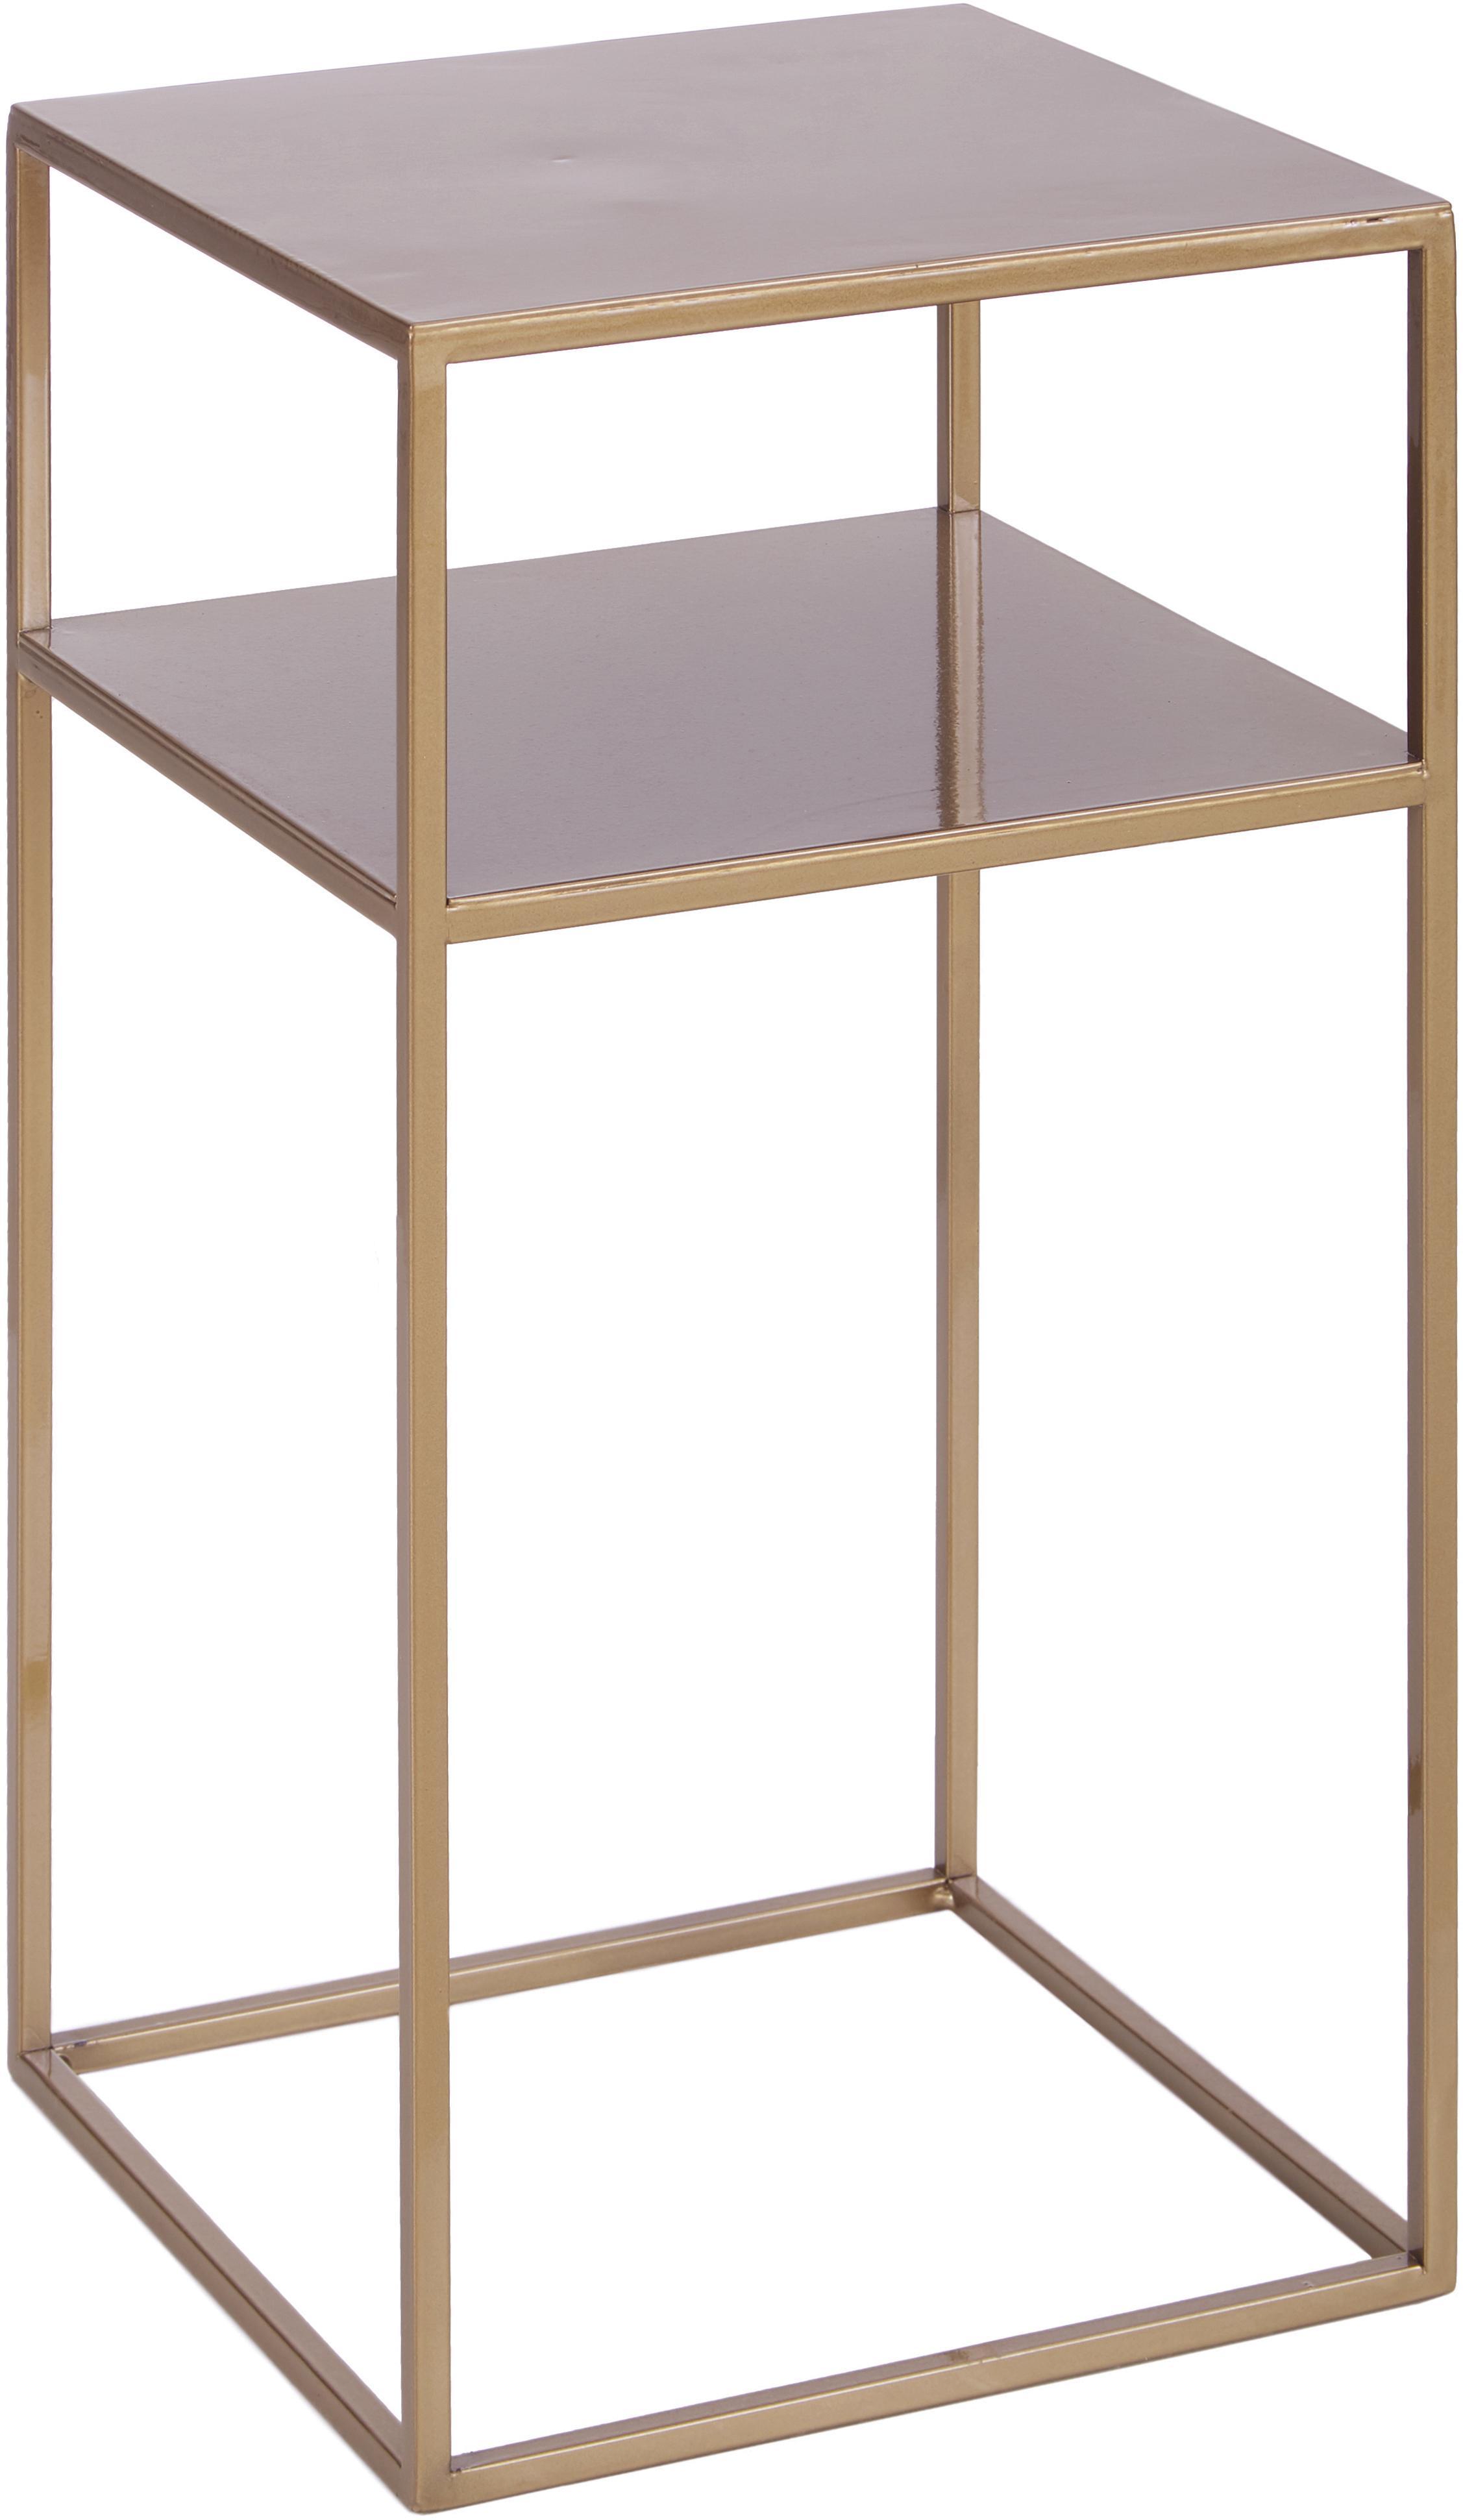 Tavolino con piano d'appoggio in metallo Tensio Oli, Metallo verniciato a polvere, Ottonato, Larg. 30 x Prof. 30 cm